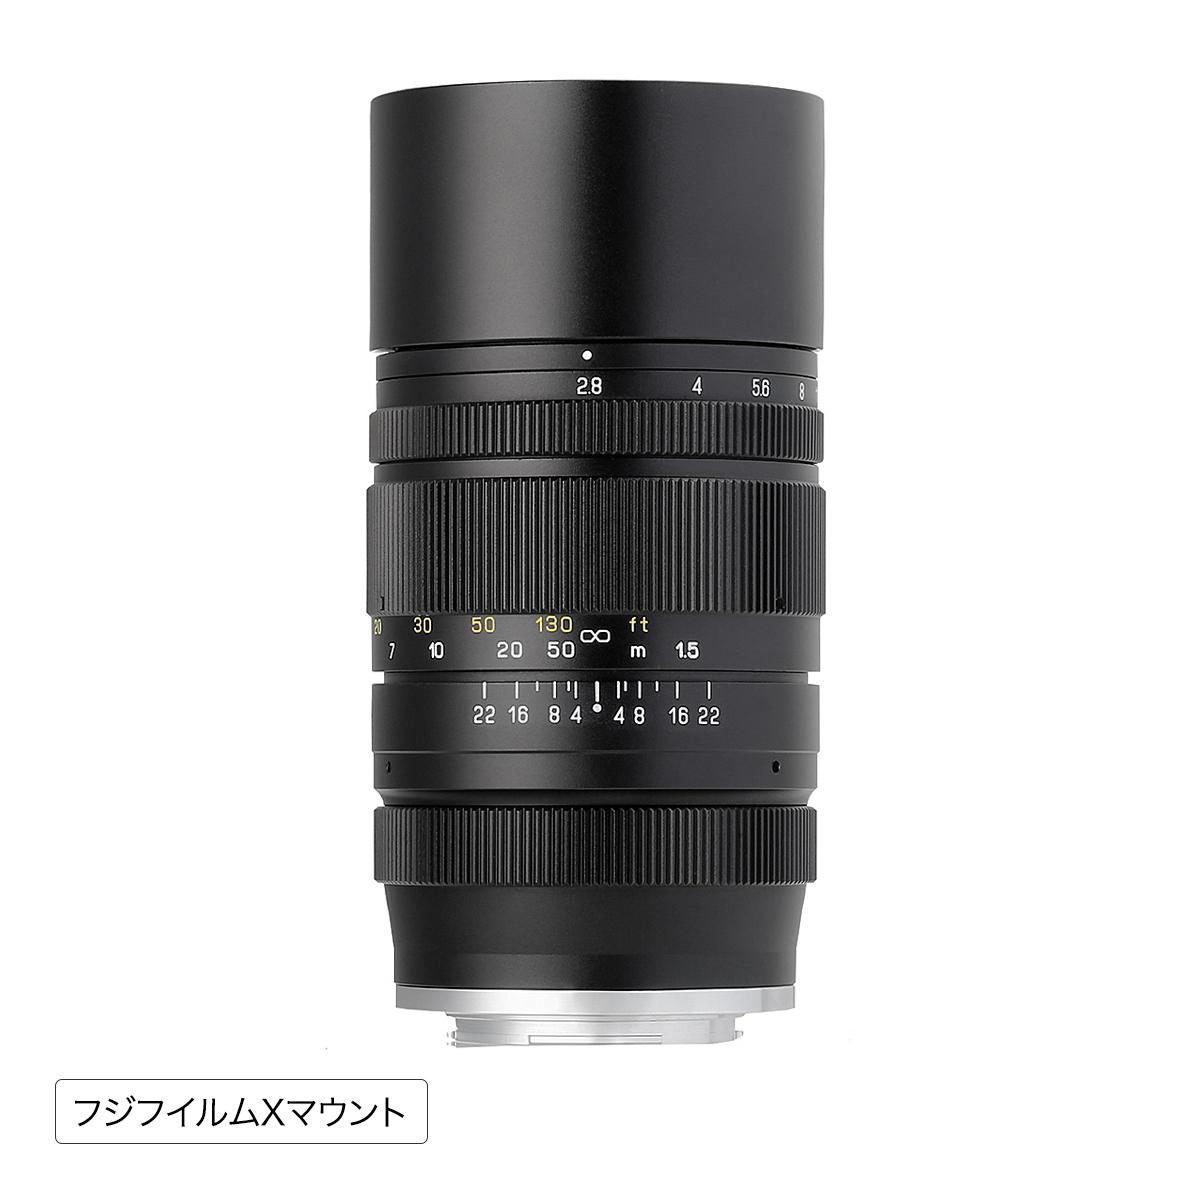 中一光学 CREATOR 135mm F2.8 II 単焦点レンズ